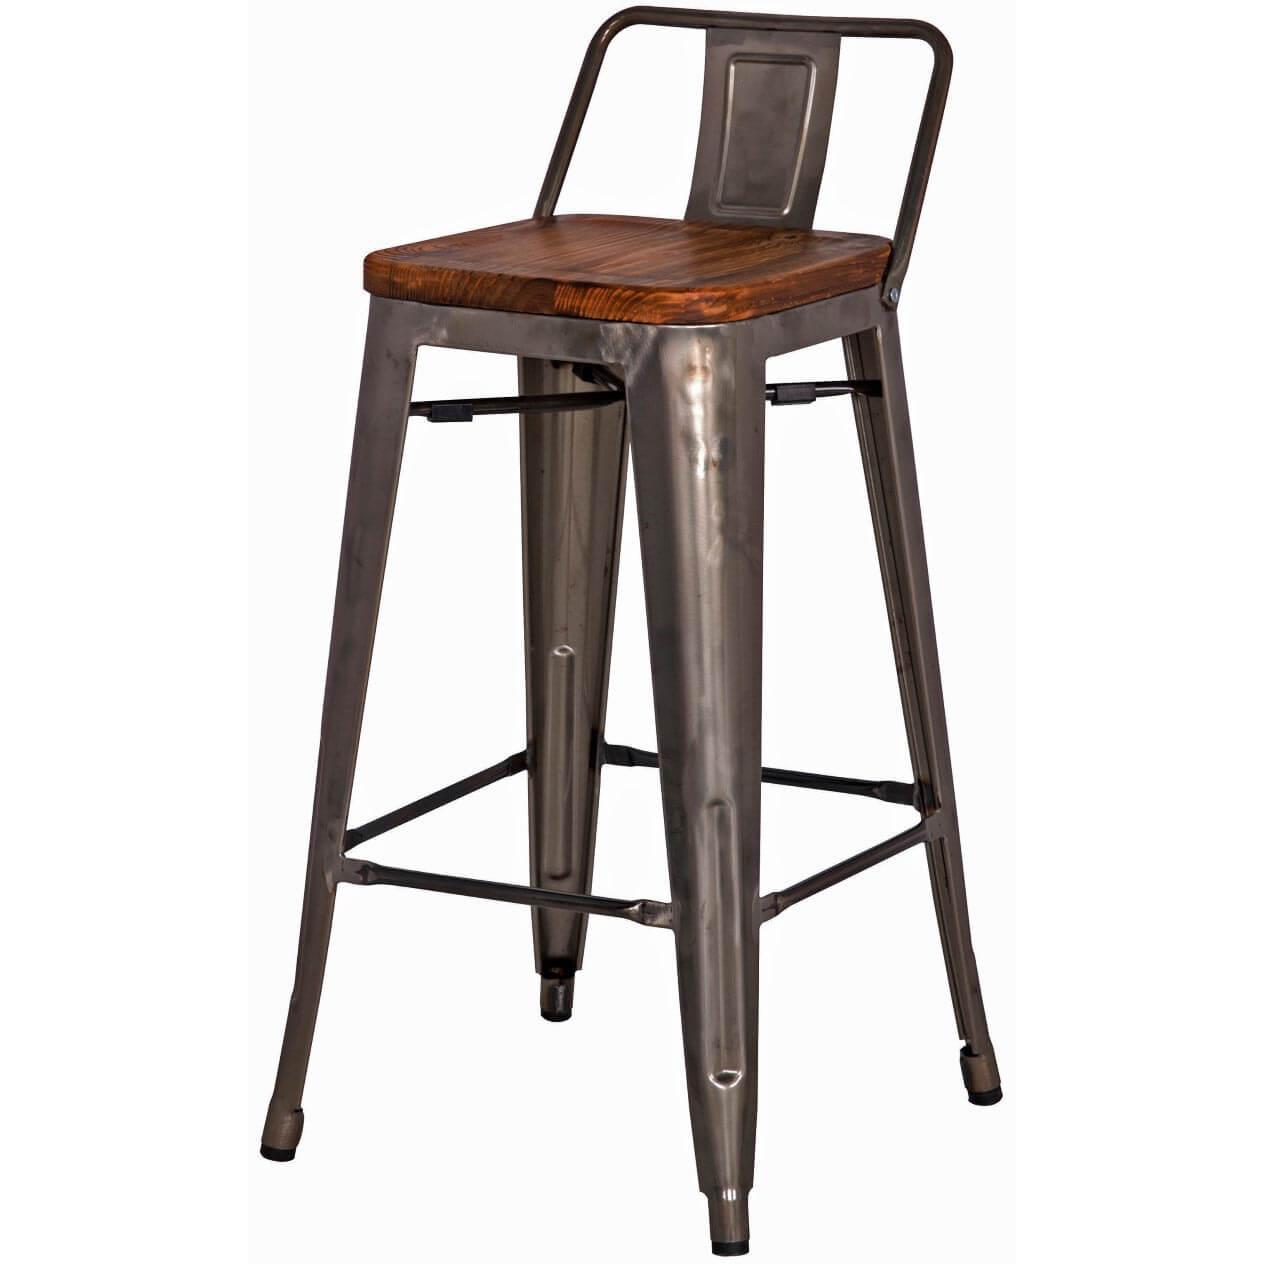 Metropolis Low Back Counter Stool Wood Seat Gunmetal